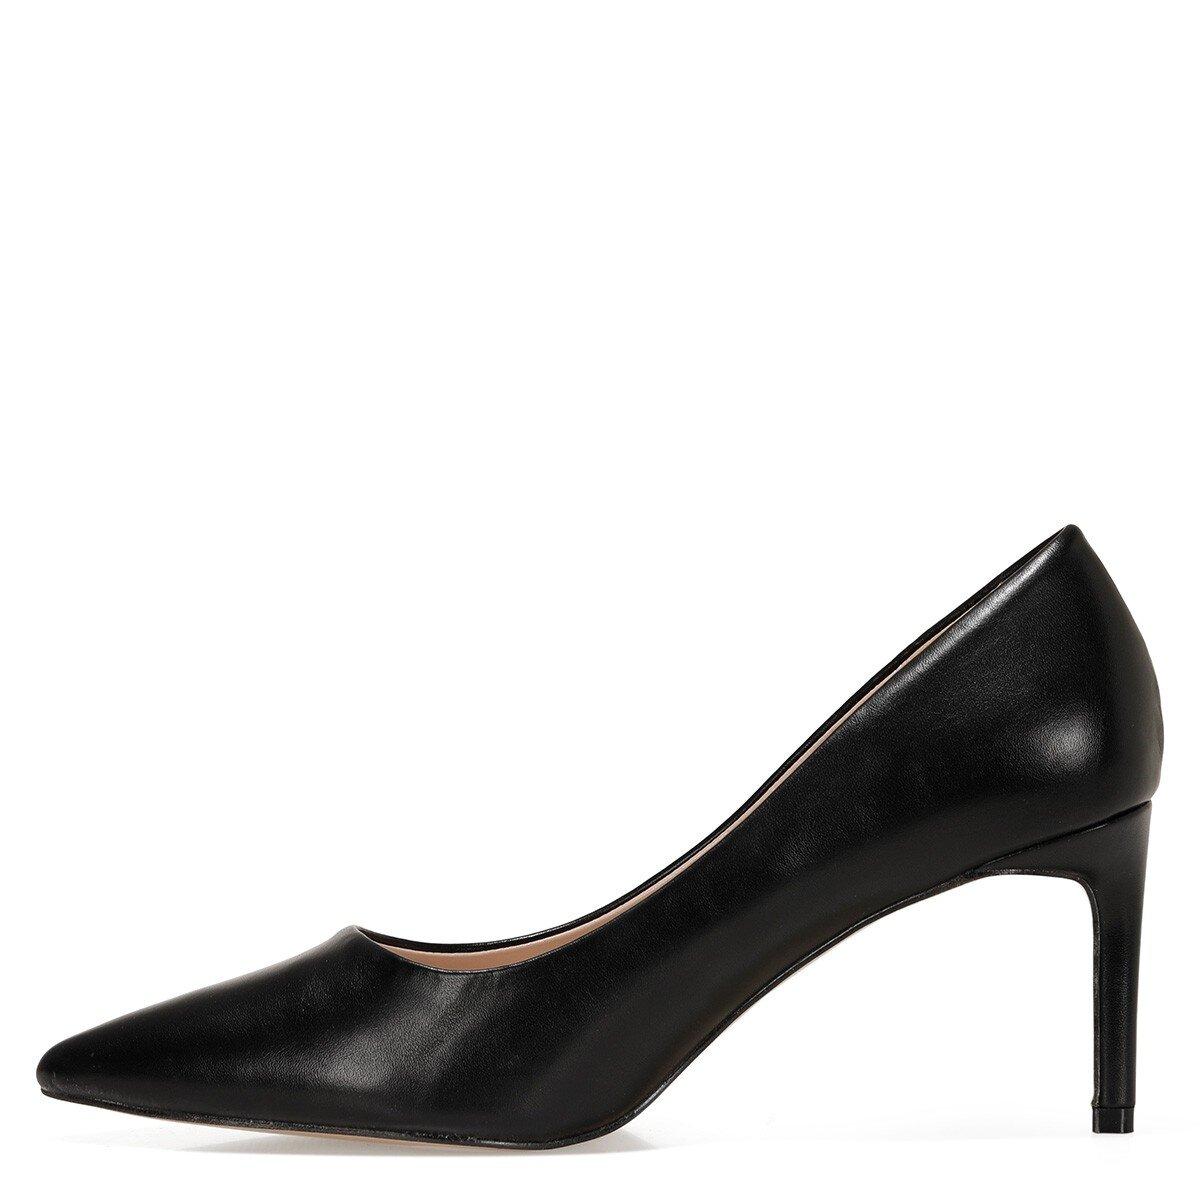 GENTILLA 1FX Siyah Kadın Topuklu Ayakkabı